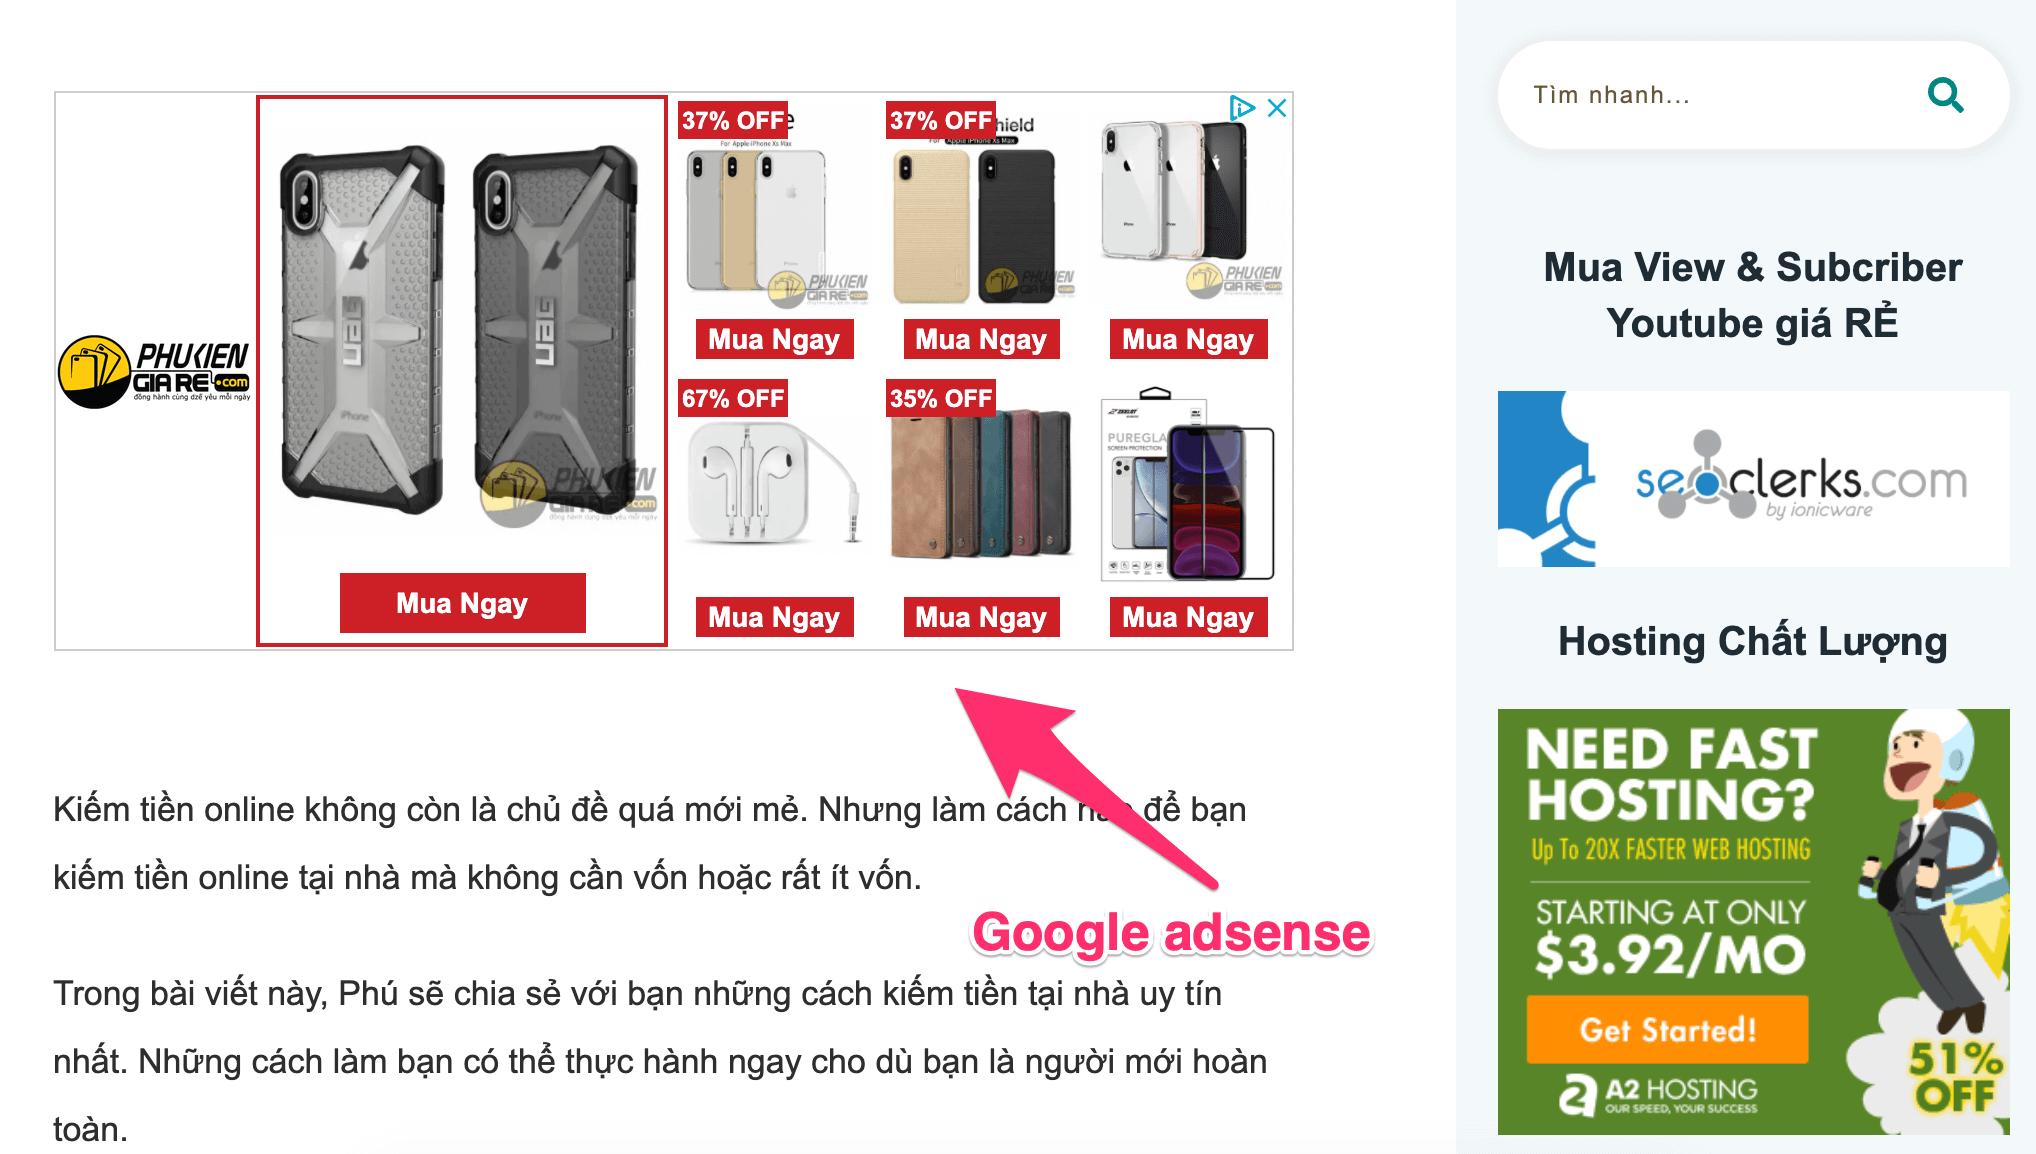 kiếm tiền online với Google adsense